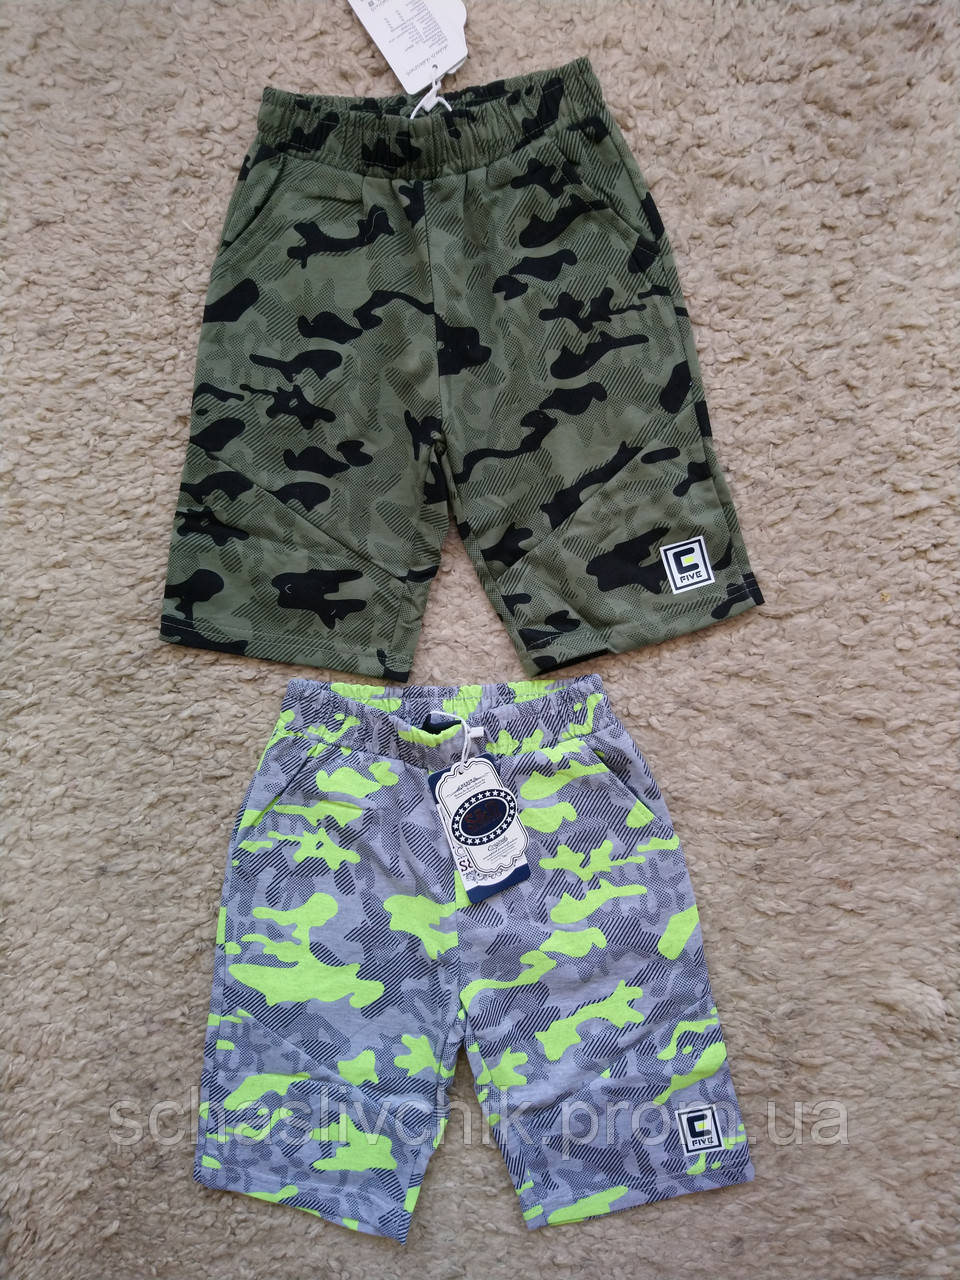 Детские джинсовые бриджи, шорты для мальчиков и девочек, размер 98-128, фирма S&D